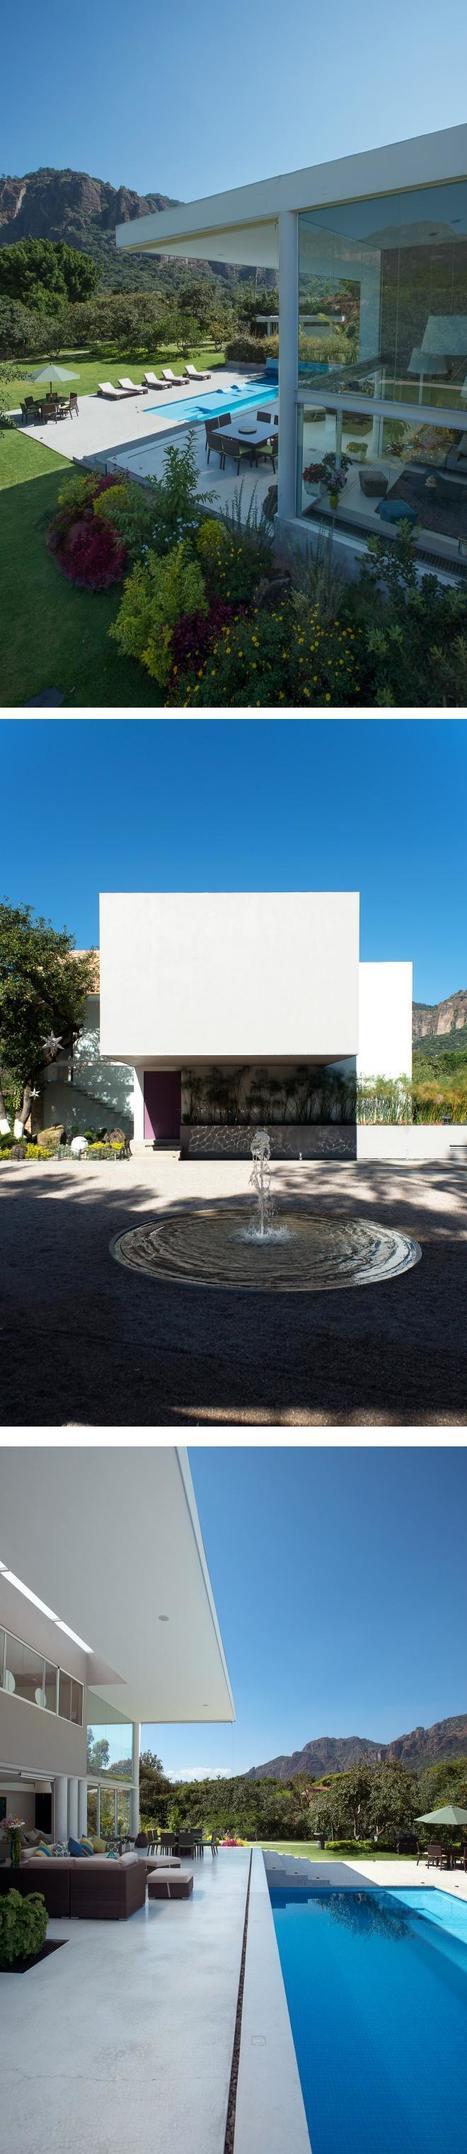 Casa del Viento, Tepoztlán MX | Arquitectura Del Siglo XXI | Scoop.it